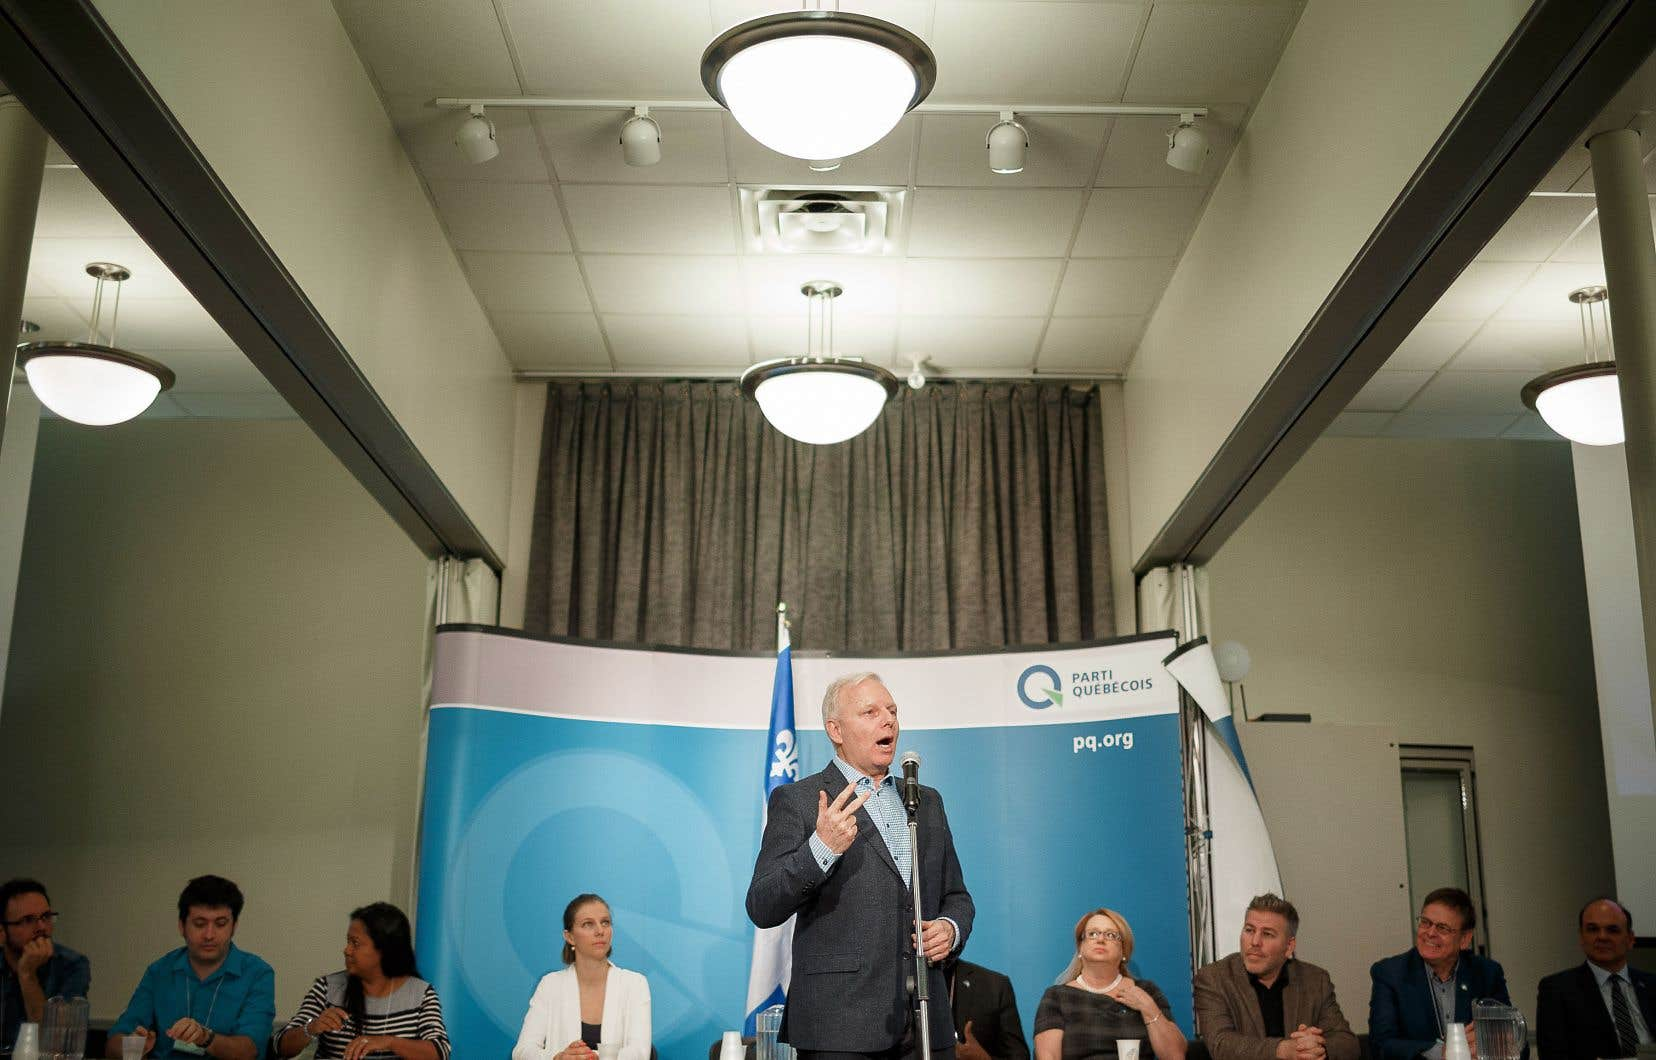 Un rapport commandé par Jean-François Lisée et publié en 2017 révélait que pour les Québécois de moins de 40ans, le PQ était devenu un «parti figé, conservateur et vieillissant». Le document s'accompagnait de 156 recommandations de changements.